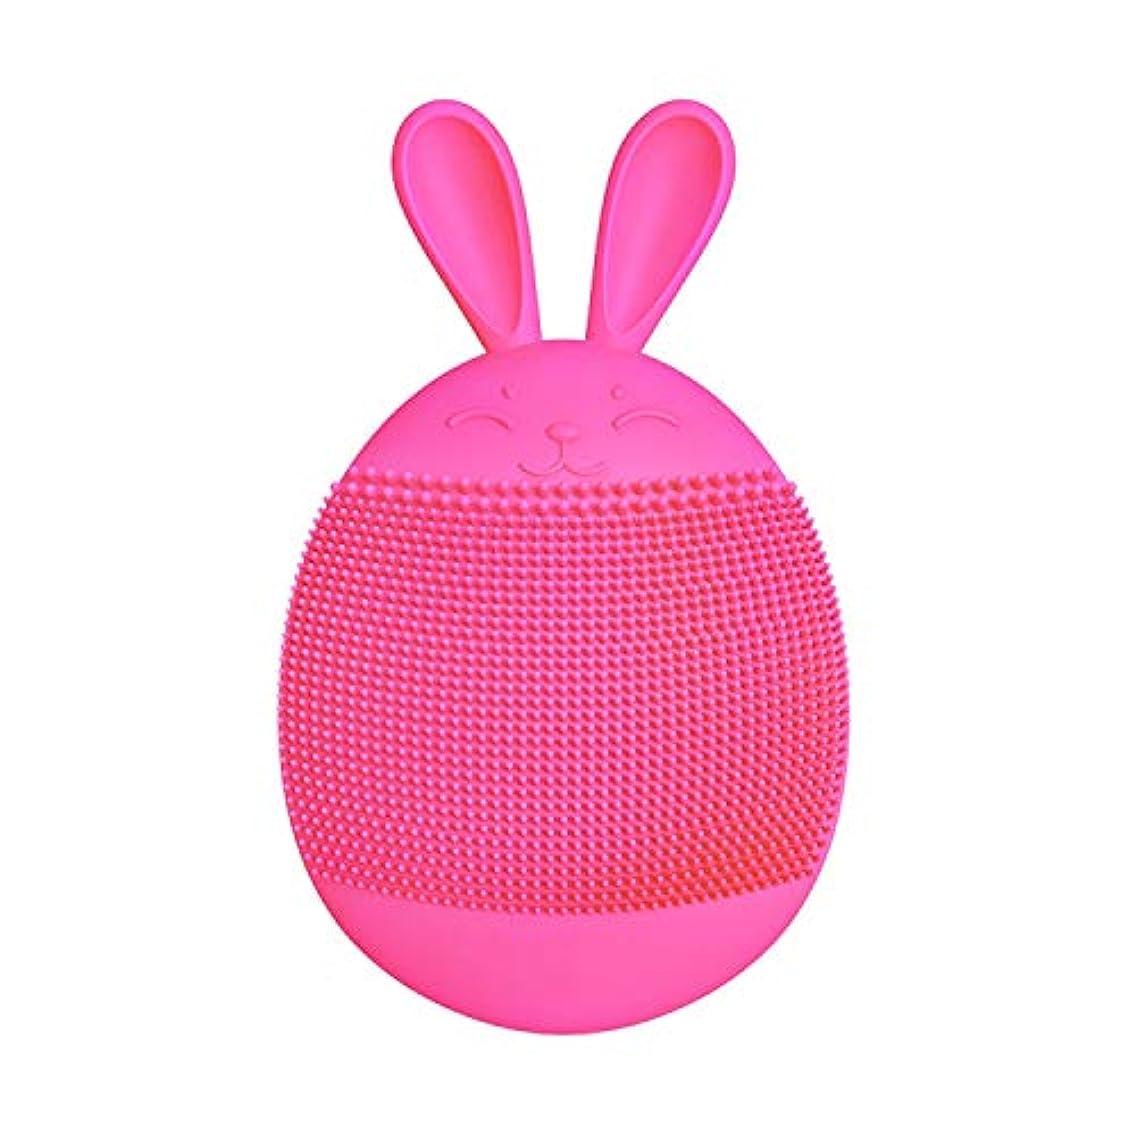 スペル火開いたクレンジングブラシ、シリコンハンドヘルド電動クレンジング楽器多機能ポータブル洗顔美容器具(ピンク),D